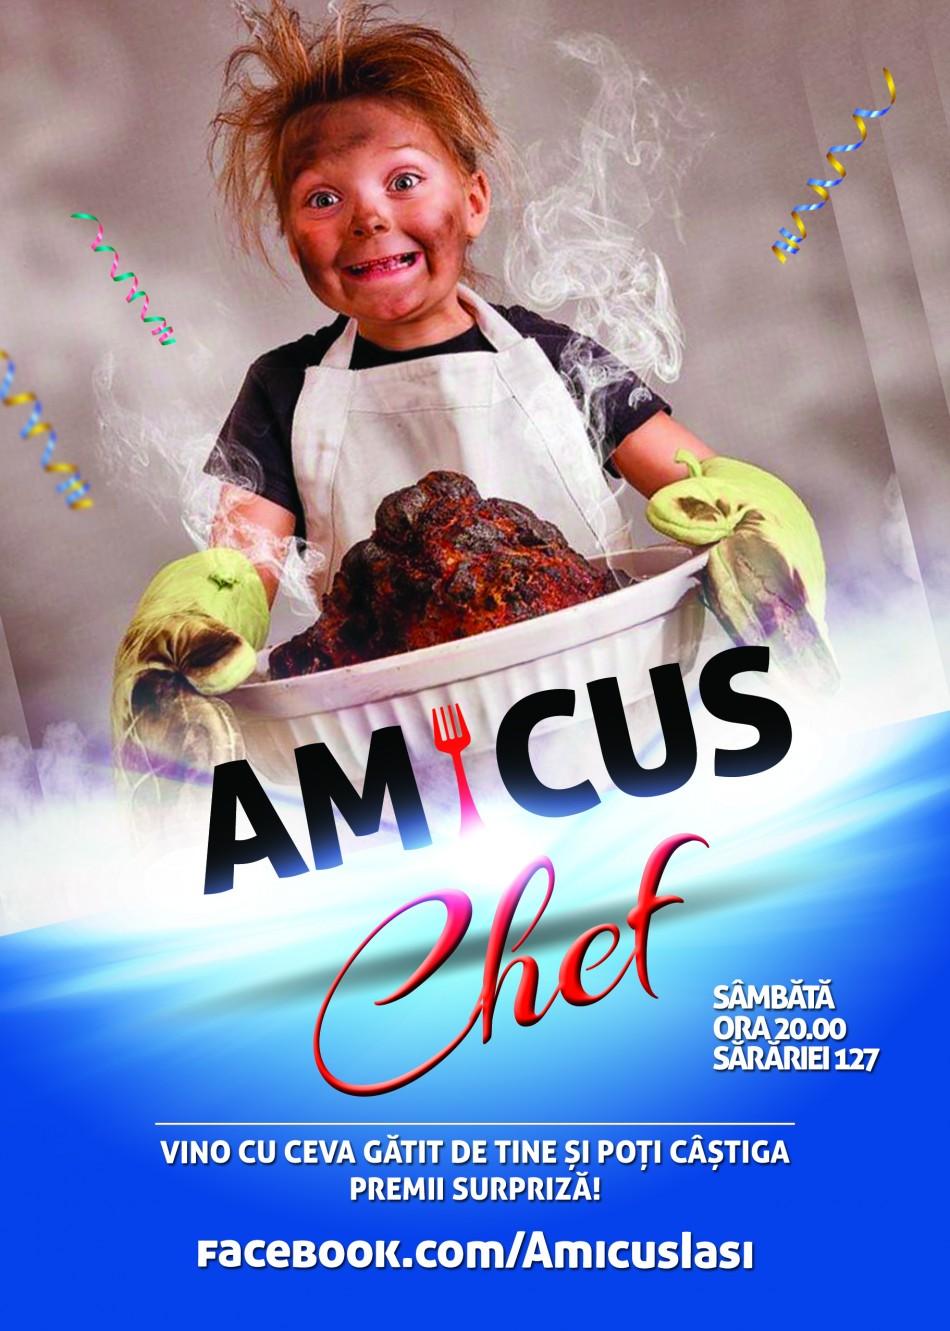 AMiCUS Chef